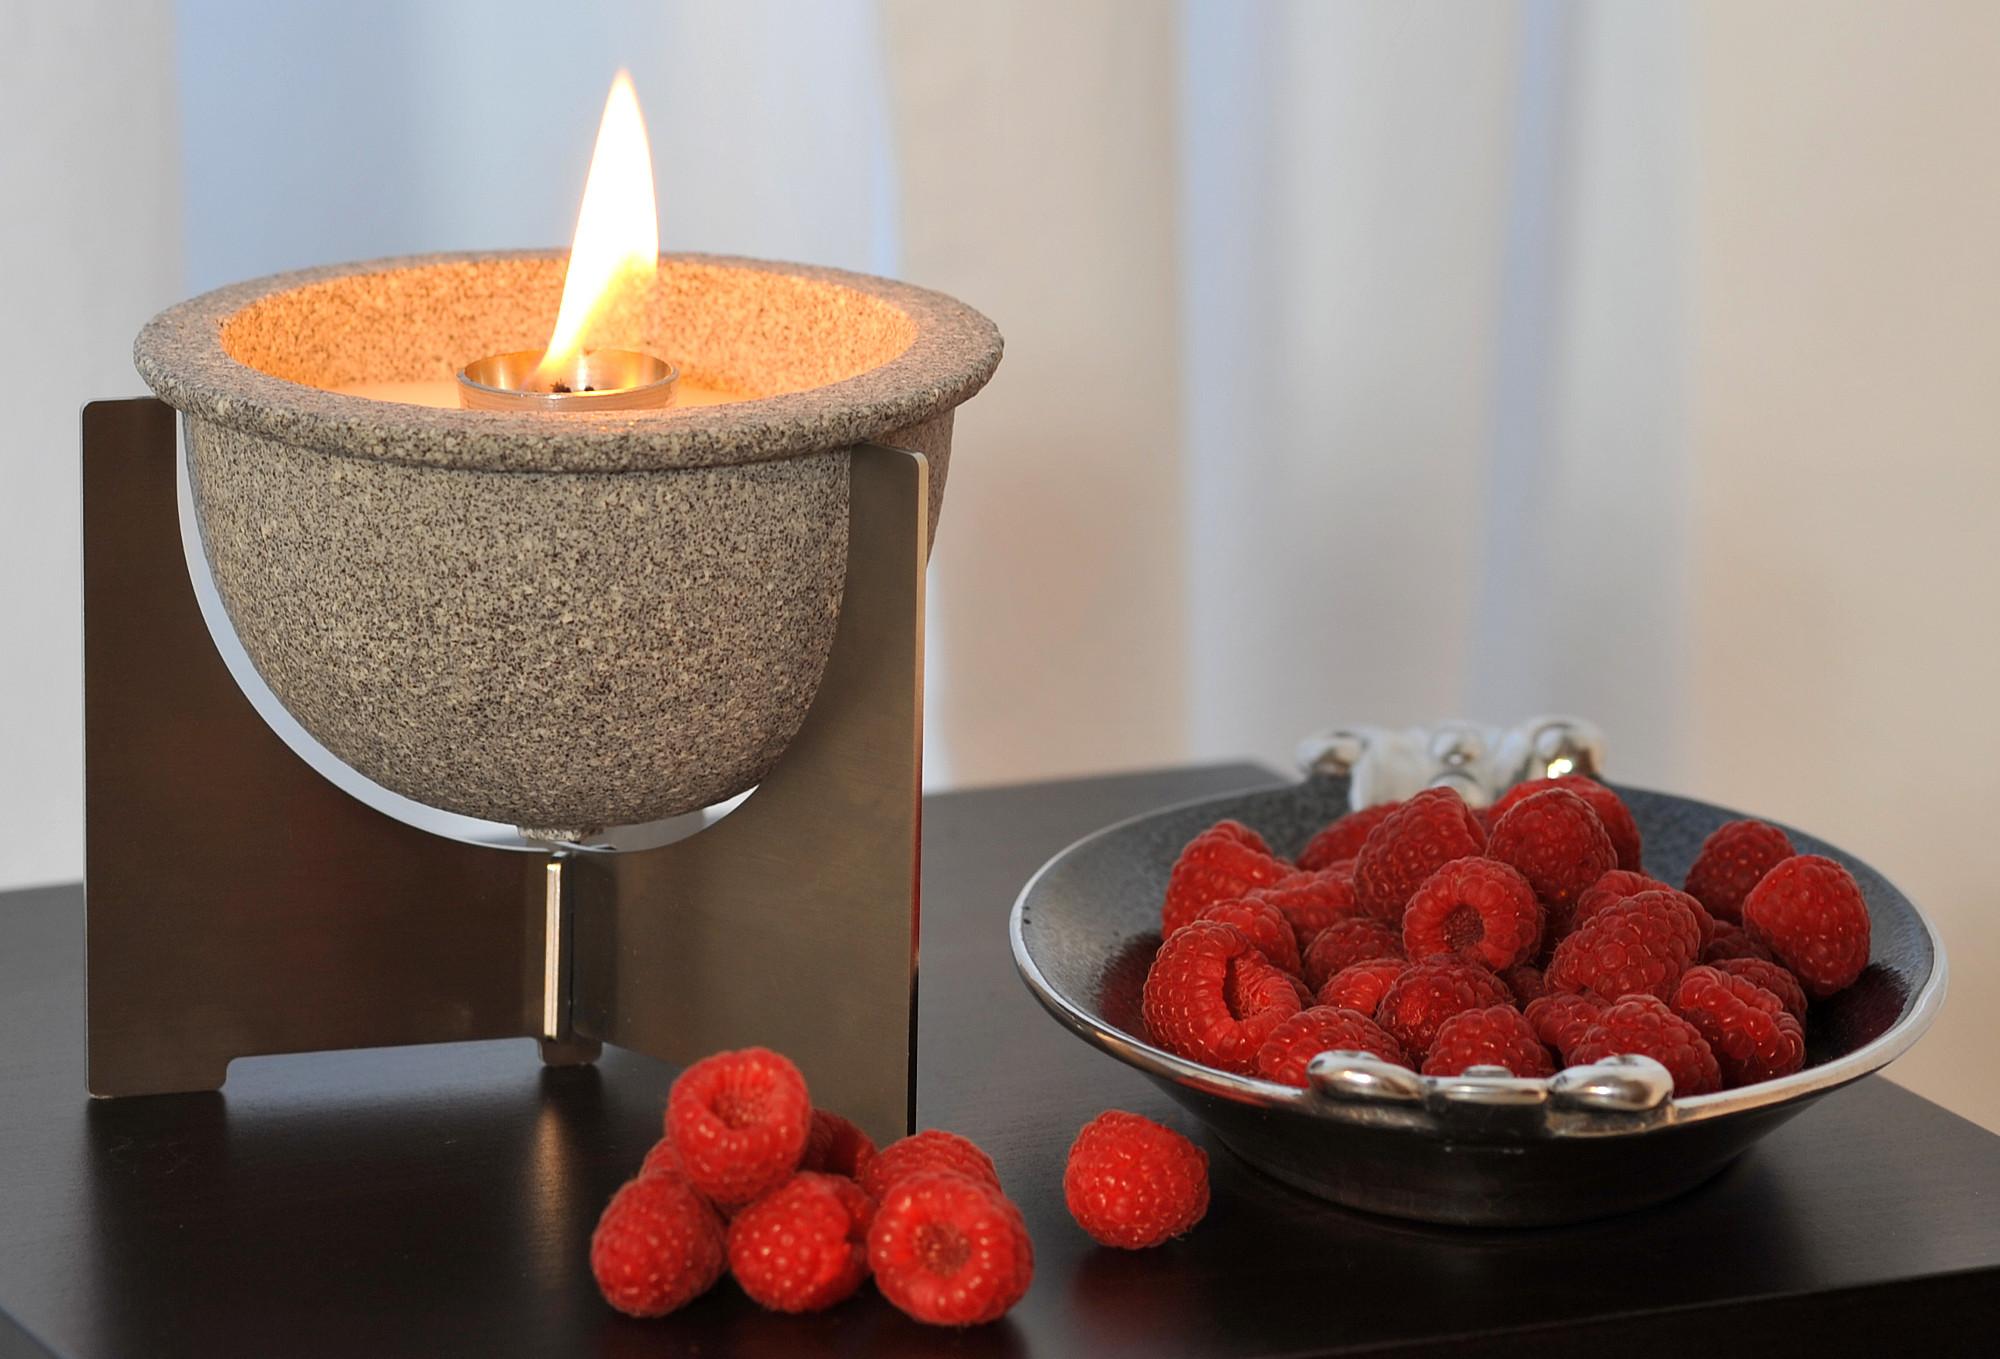 schmelzfeuer indoor schaffen sie eine warme atmosph re premium fachh ndler f r haus und. Black Bedroom Furniture Sets. Home Design Ideas